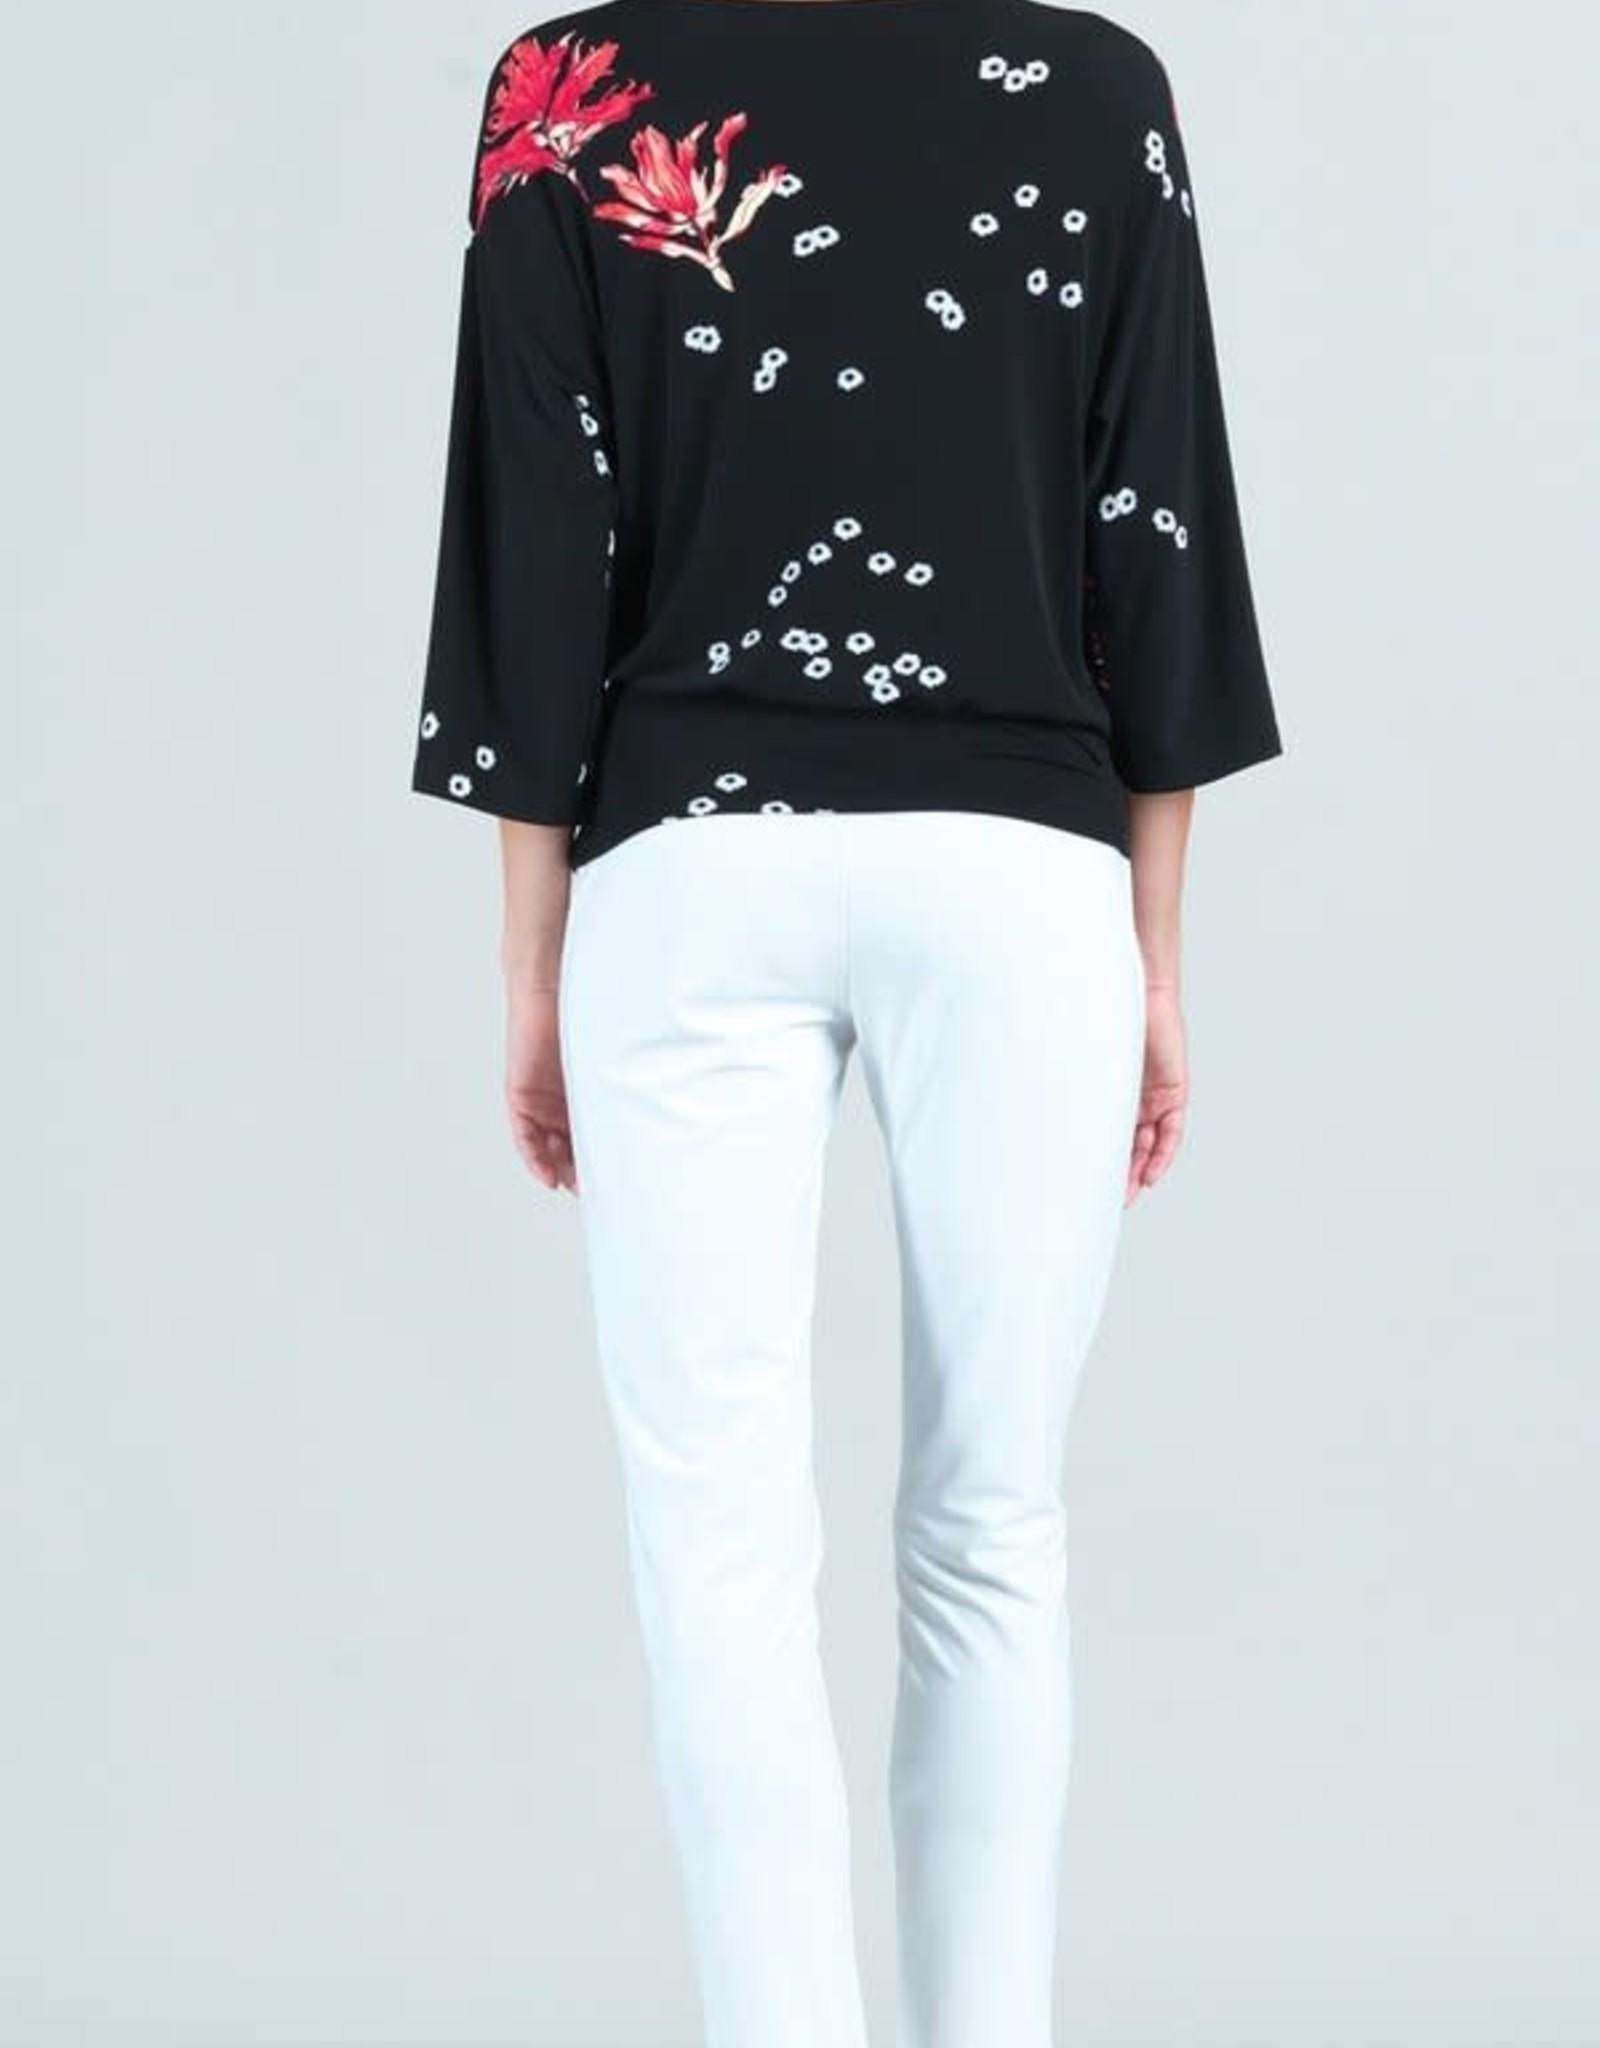 - Black Floral Flake Print 3/4 Sleeve Top w/Side Tie